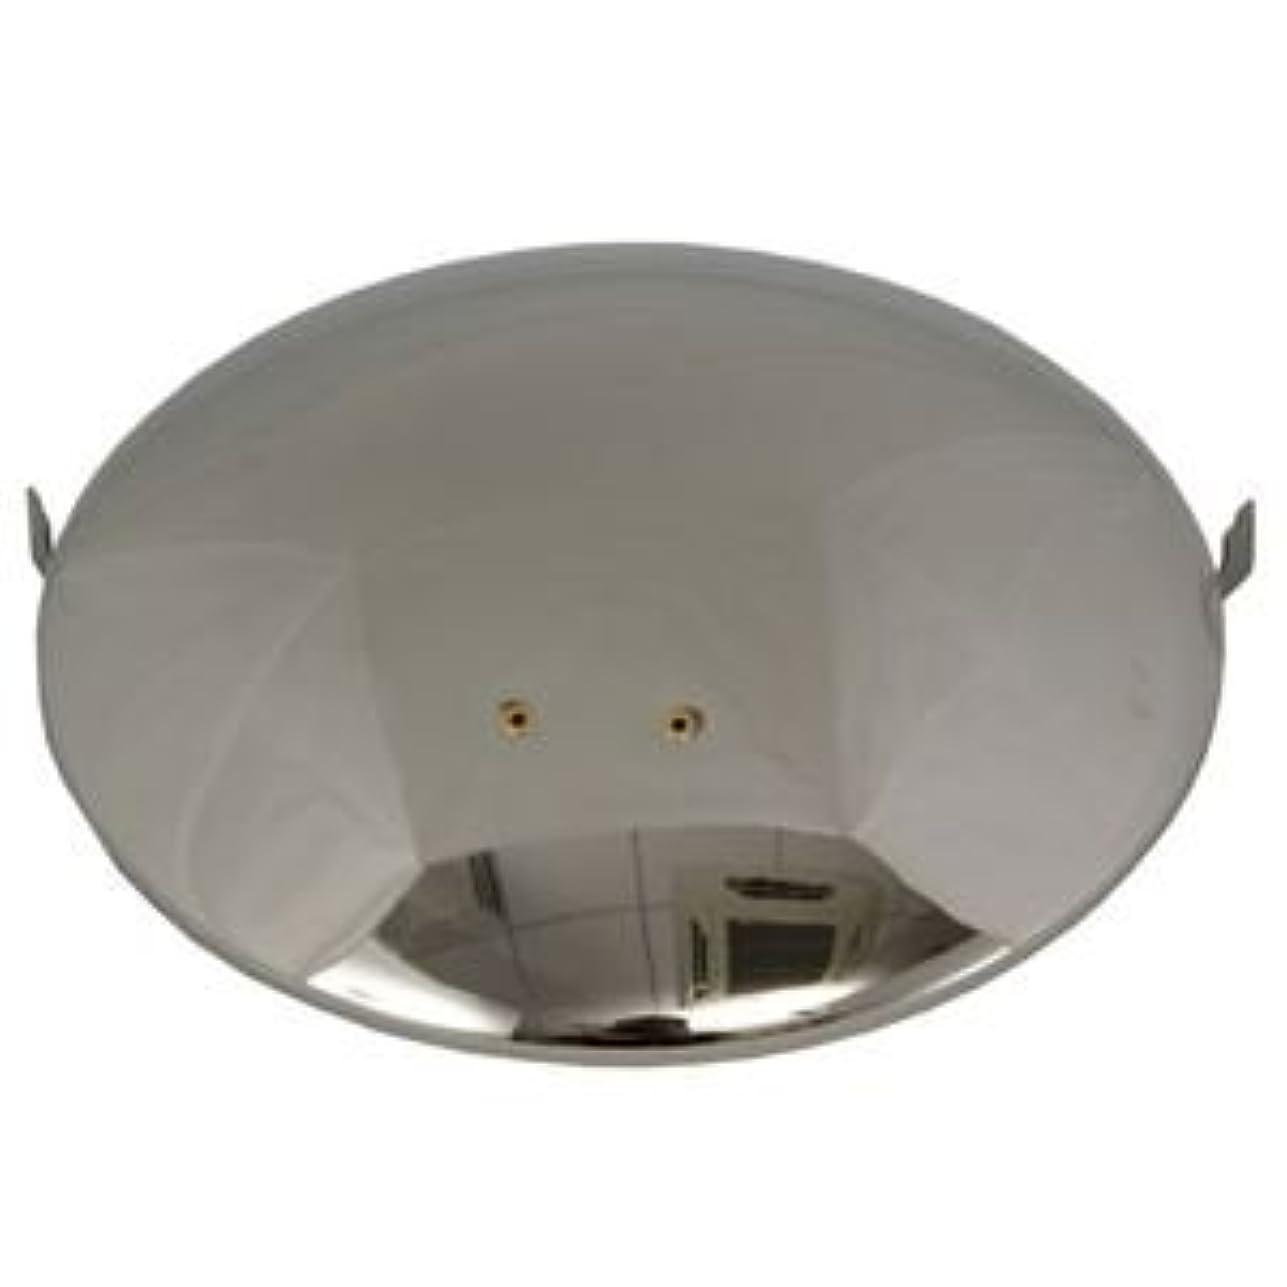 バラバラにするささやき頭痛Petromax(ペトロマックス) パラボラ サイドリフレクター HK500用 ニッケル